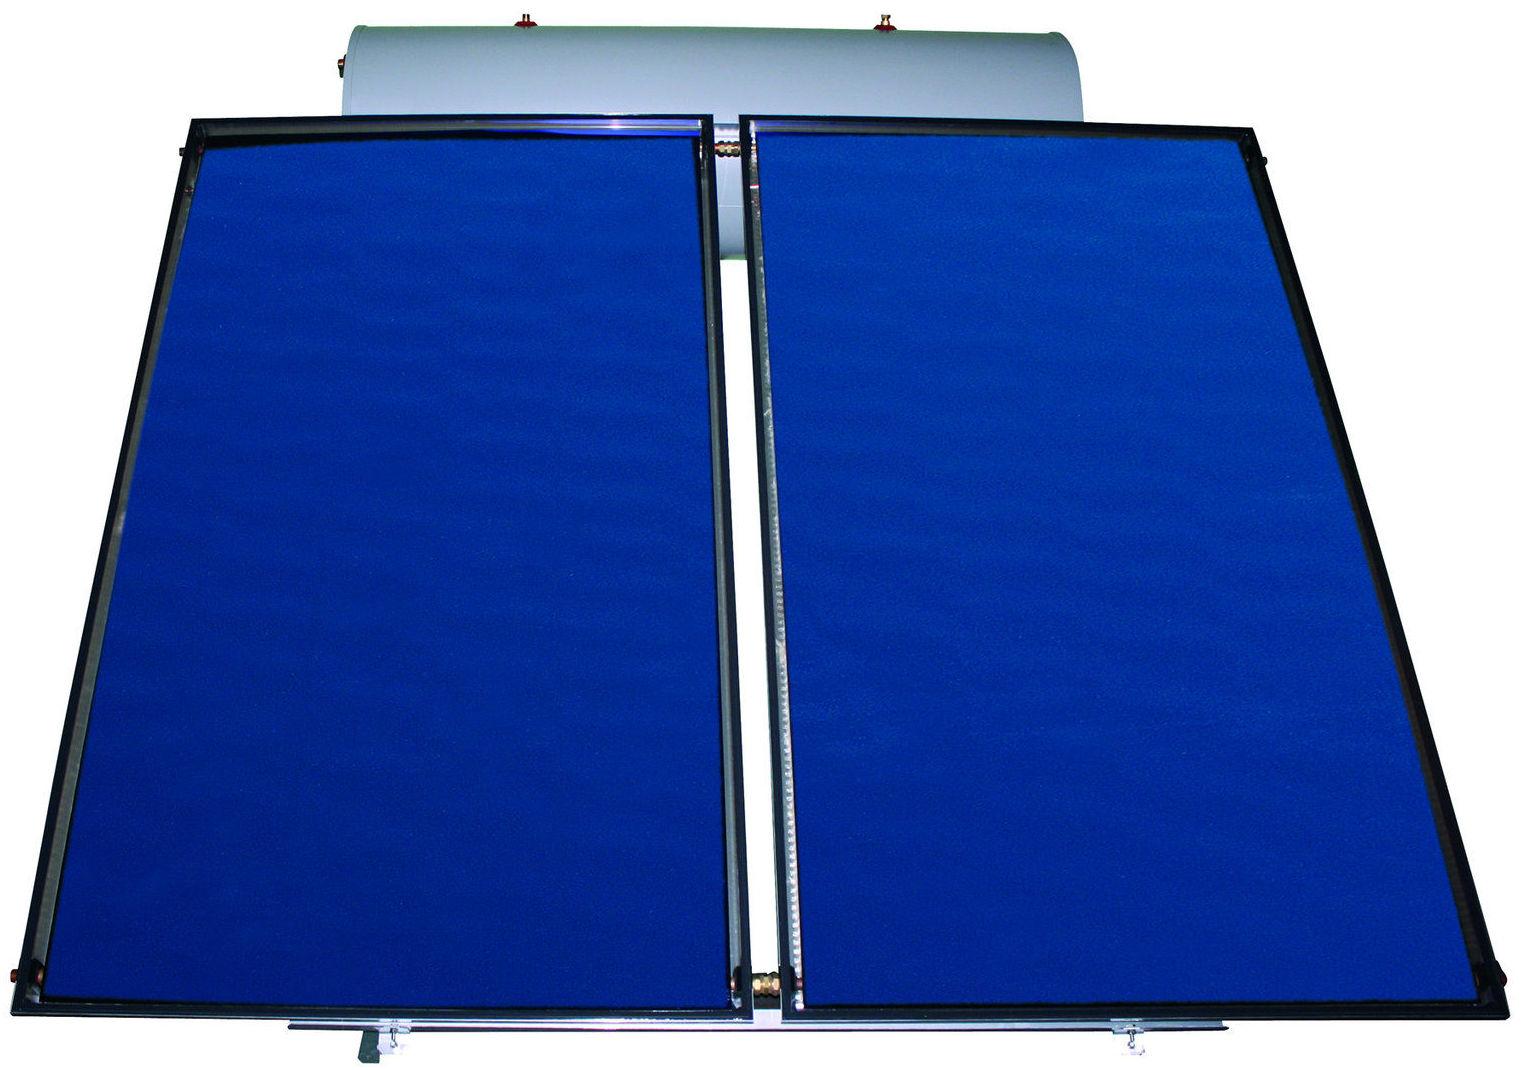 Equipo Solar Termosifon 300L TUSOL TS-300 SOL ---1520€ montaje incluido: Productos y Ofertas de Don Electrodomésticos Tienda online